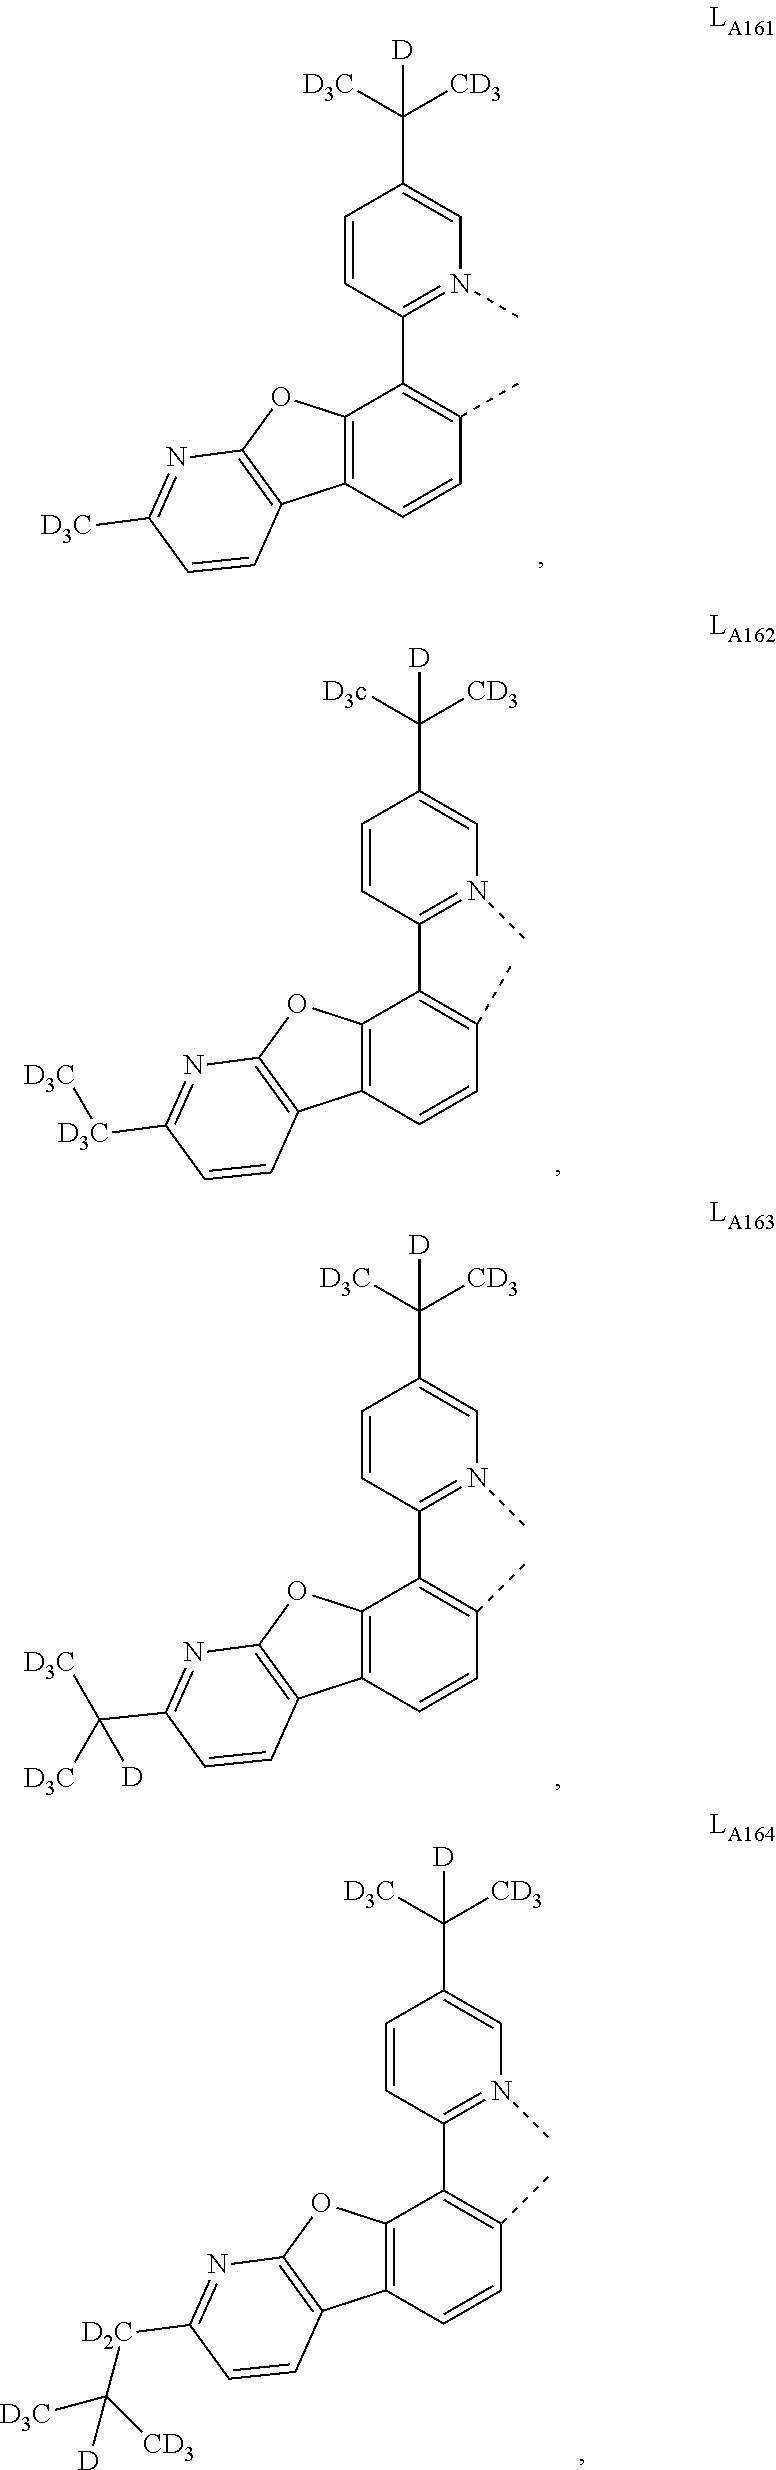 Figure US20160049599A1-20160218-C00433